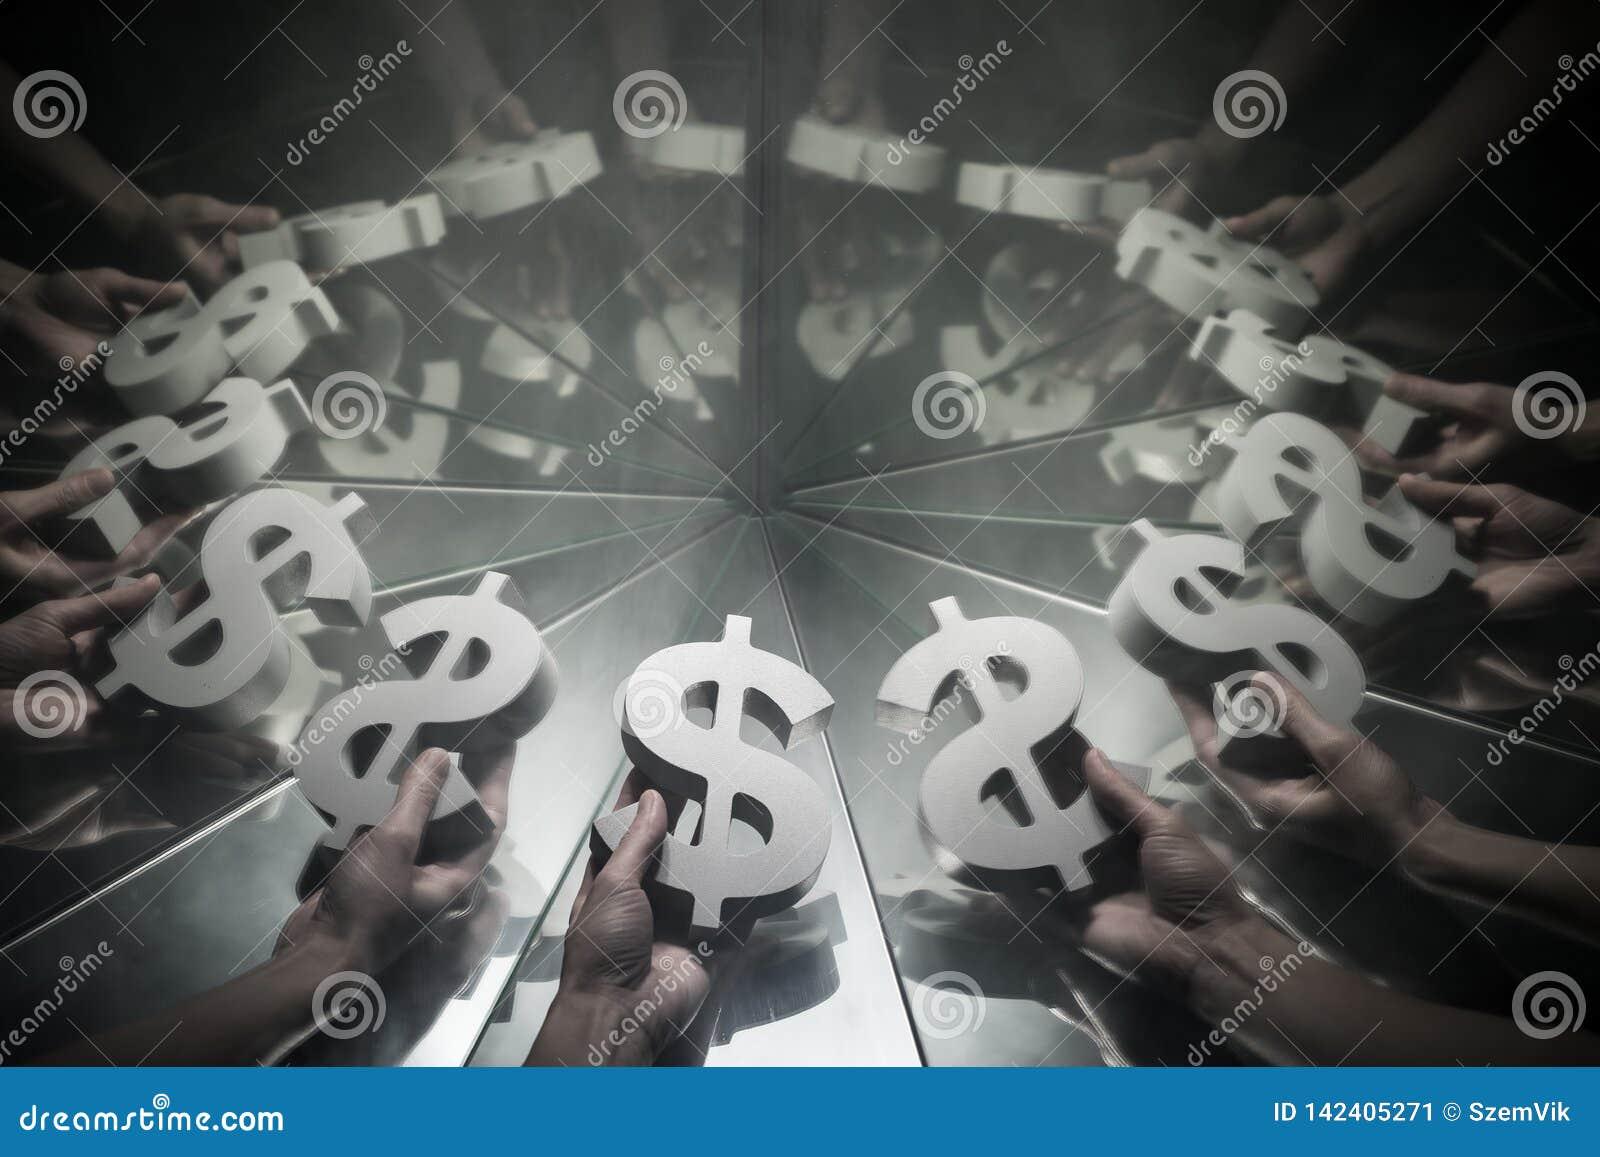 Símbolo de moneda del dólar americano en el espejo y cubierto en humo